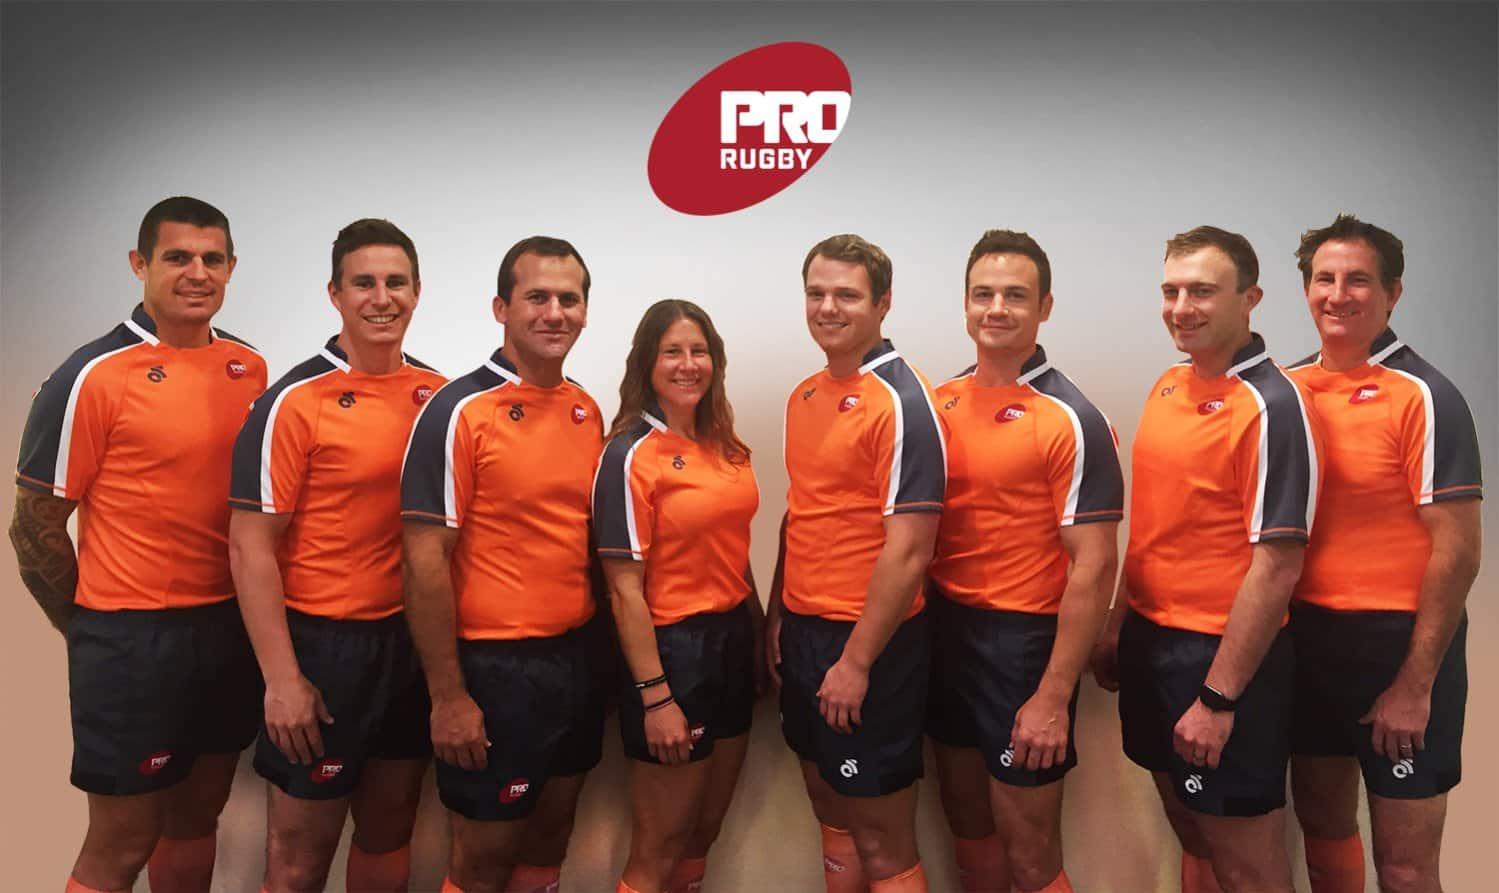 ProRugby refs team